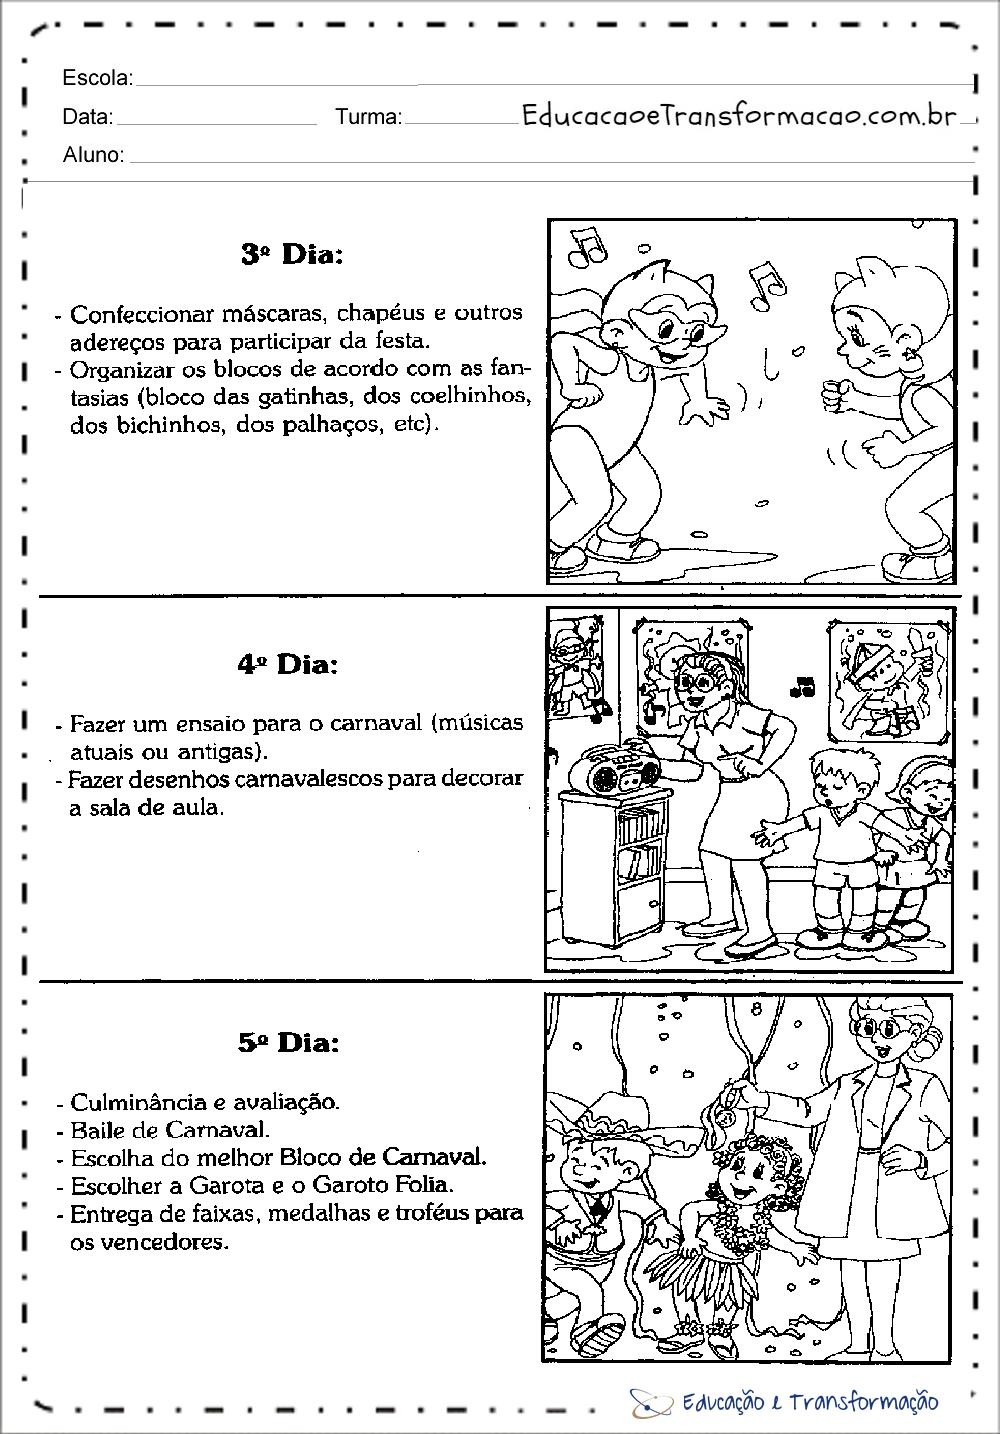 Top Plano de Aula Carnaval para Educação Infantil e Ensino Fundamental QW99